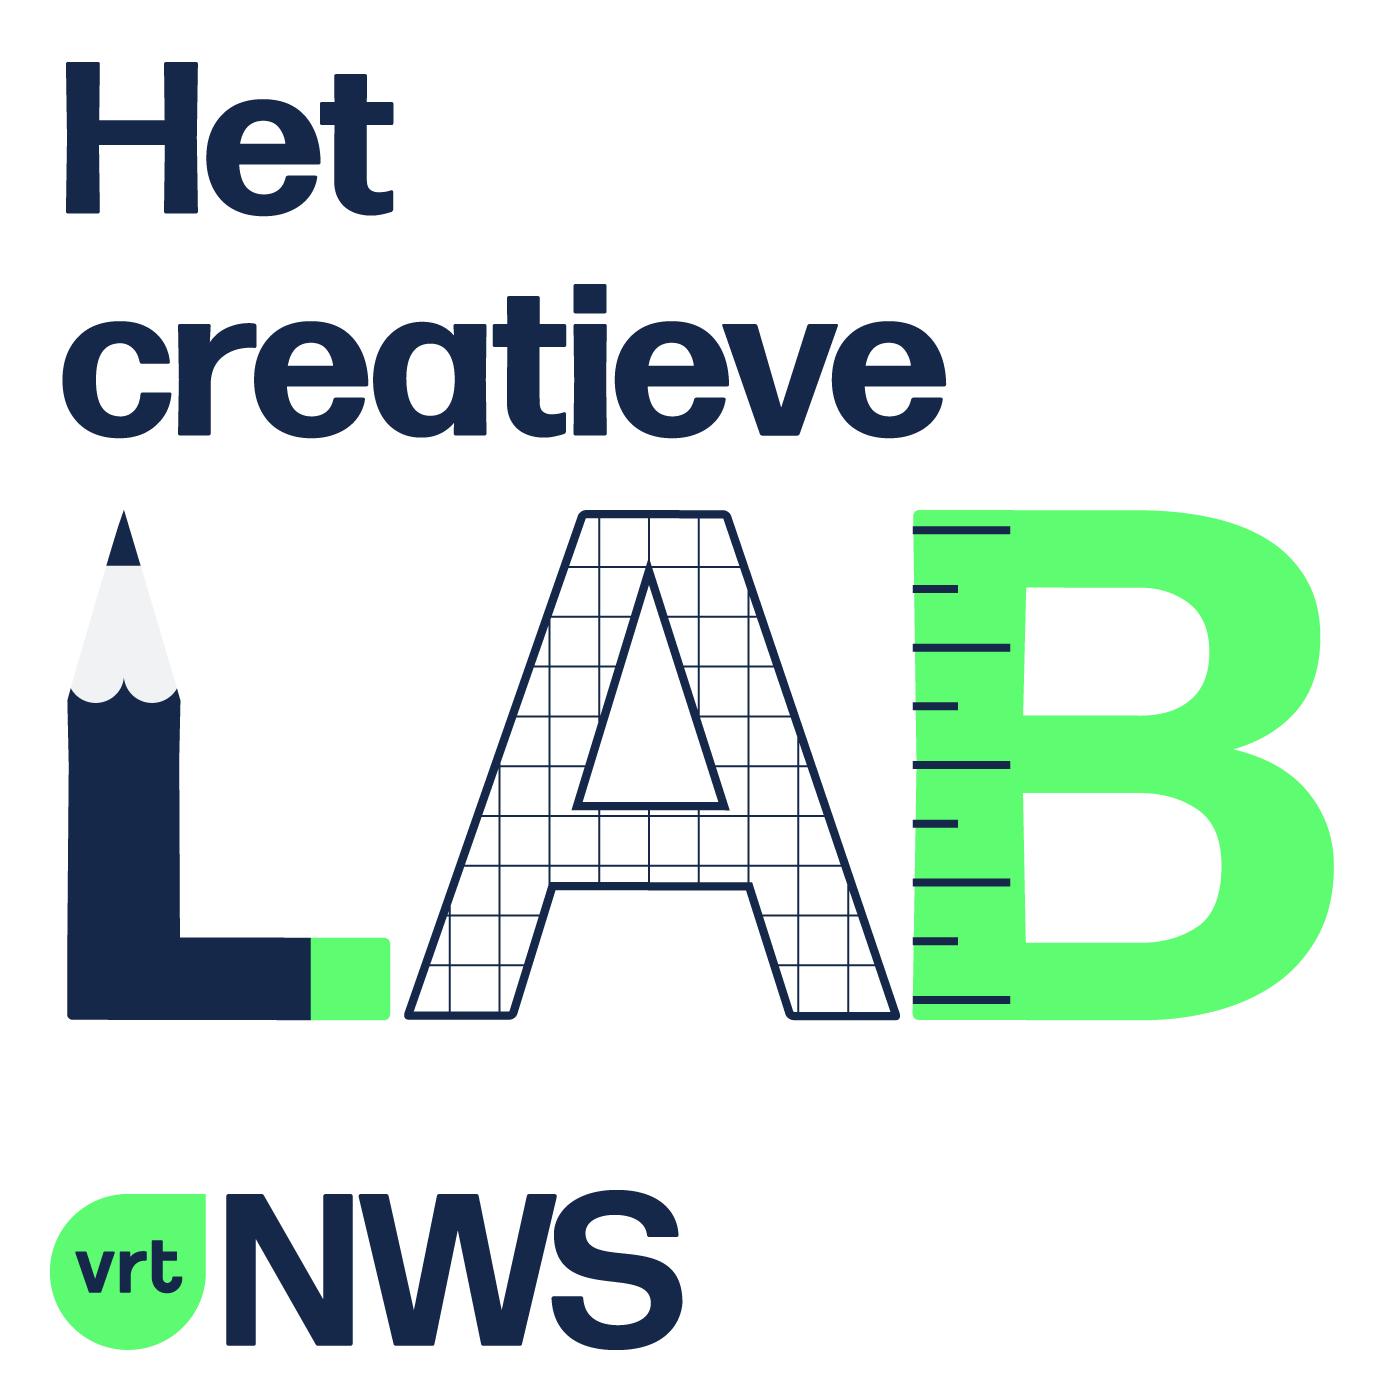 """Het creatieve lab van Sihame El Kaouakibi: """"Ik ben gewoon een goed mens"""""""